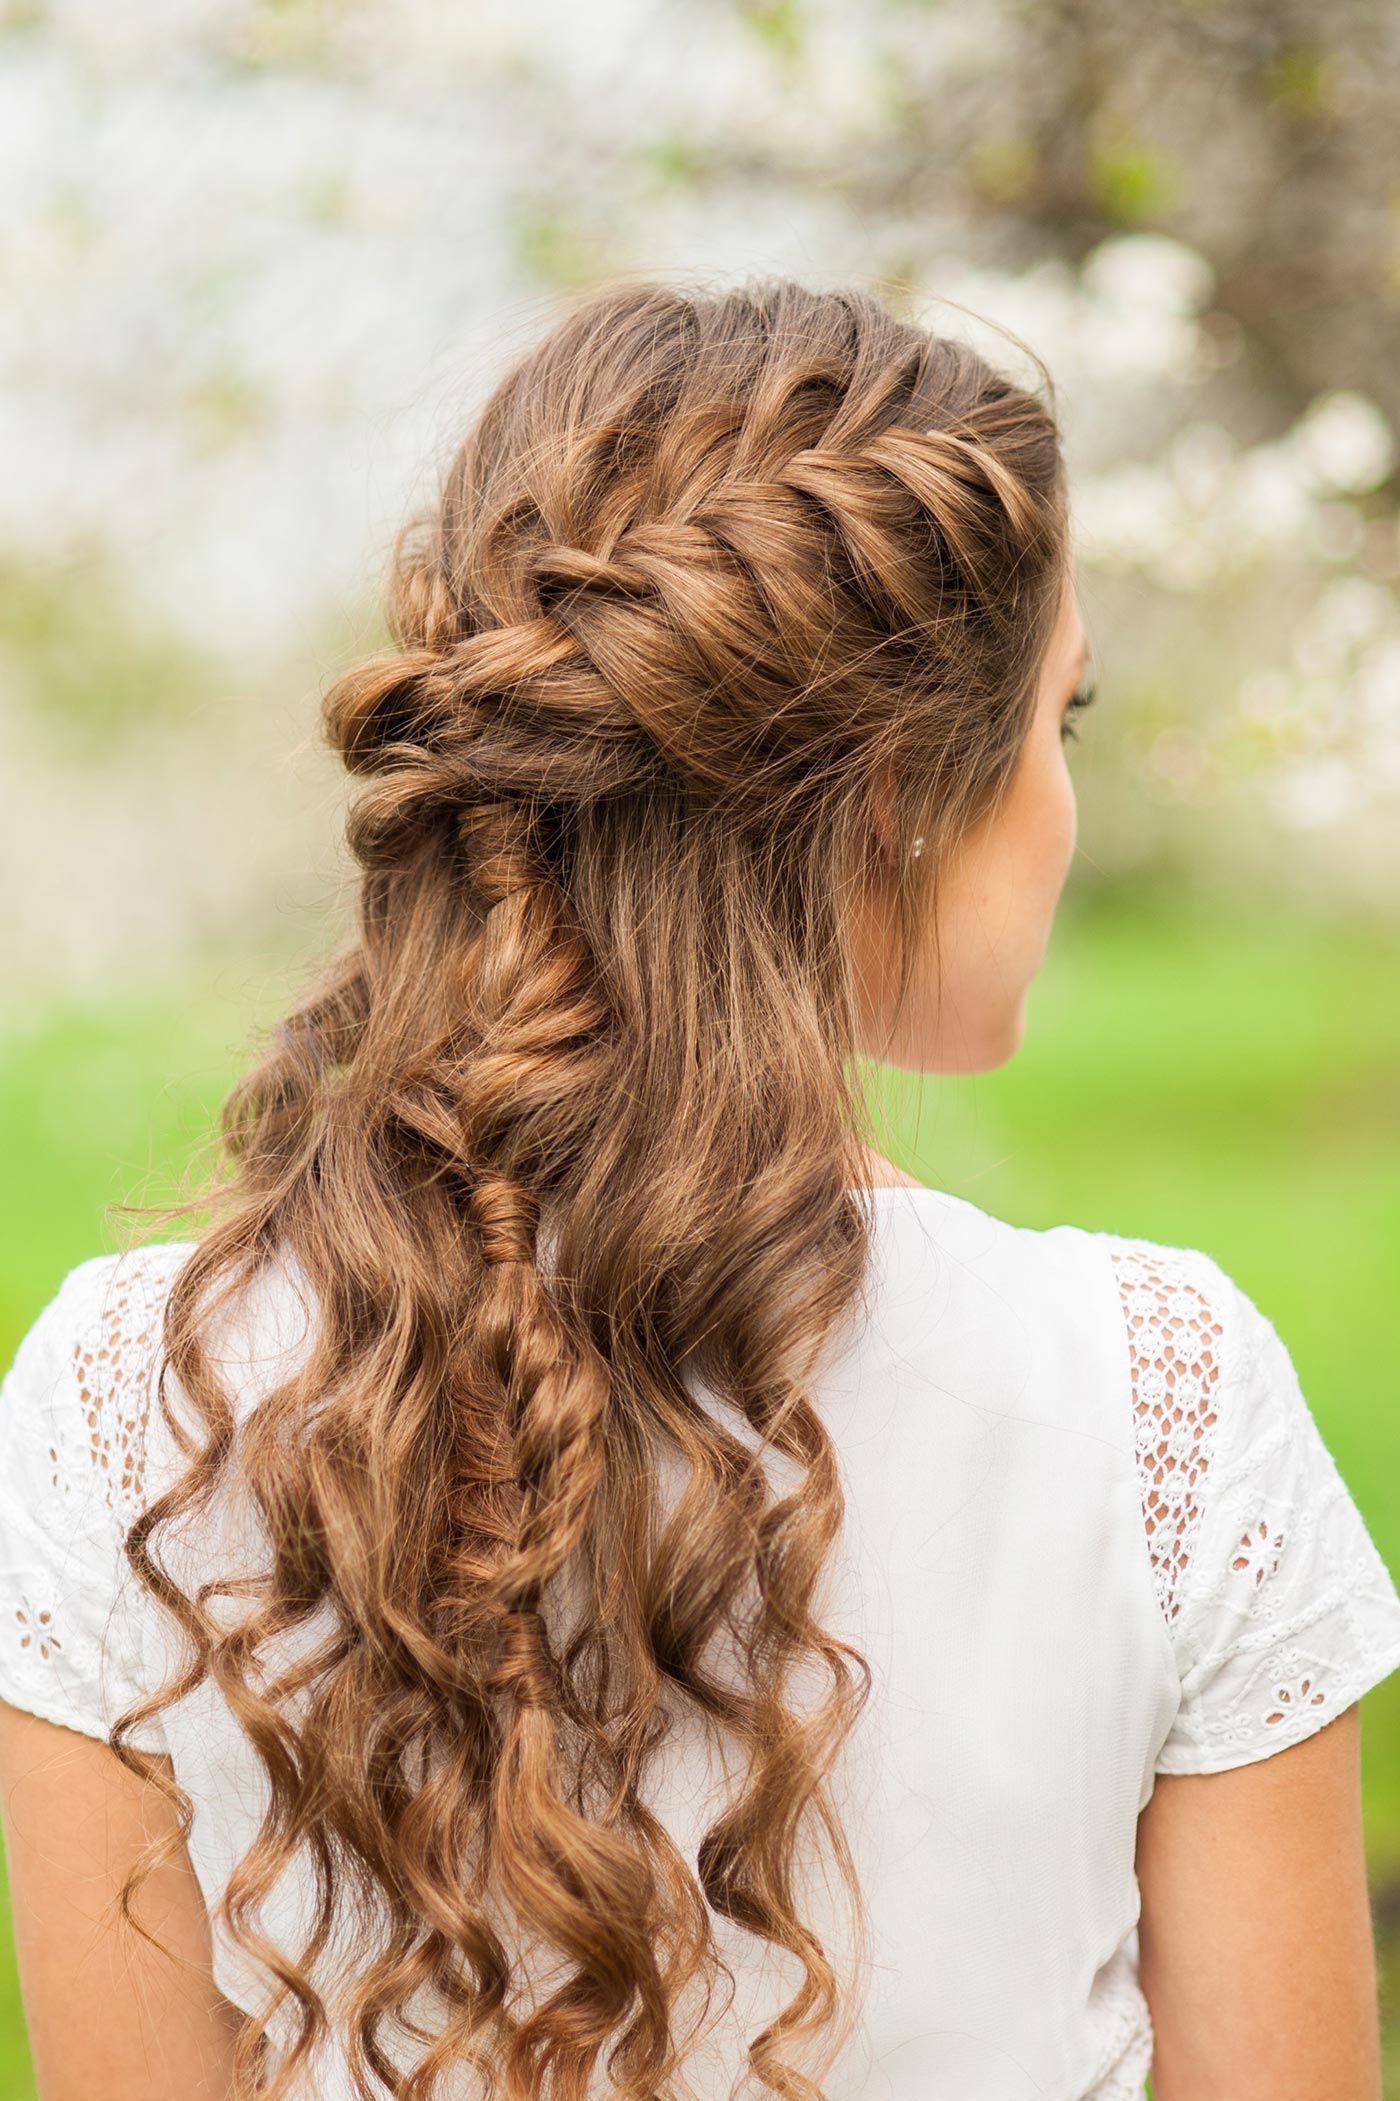 Geflochtene Hochzeitsfrisuren sind ideal für längere Haare. Entdeckt tolle Beispiele bei hochzeitsportal24.de!